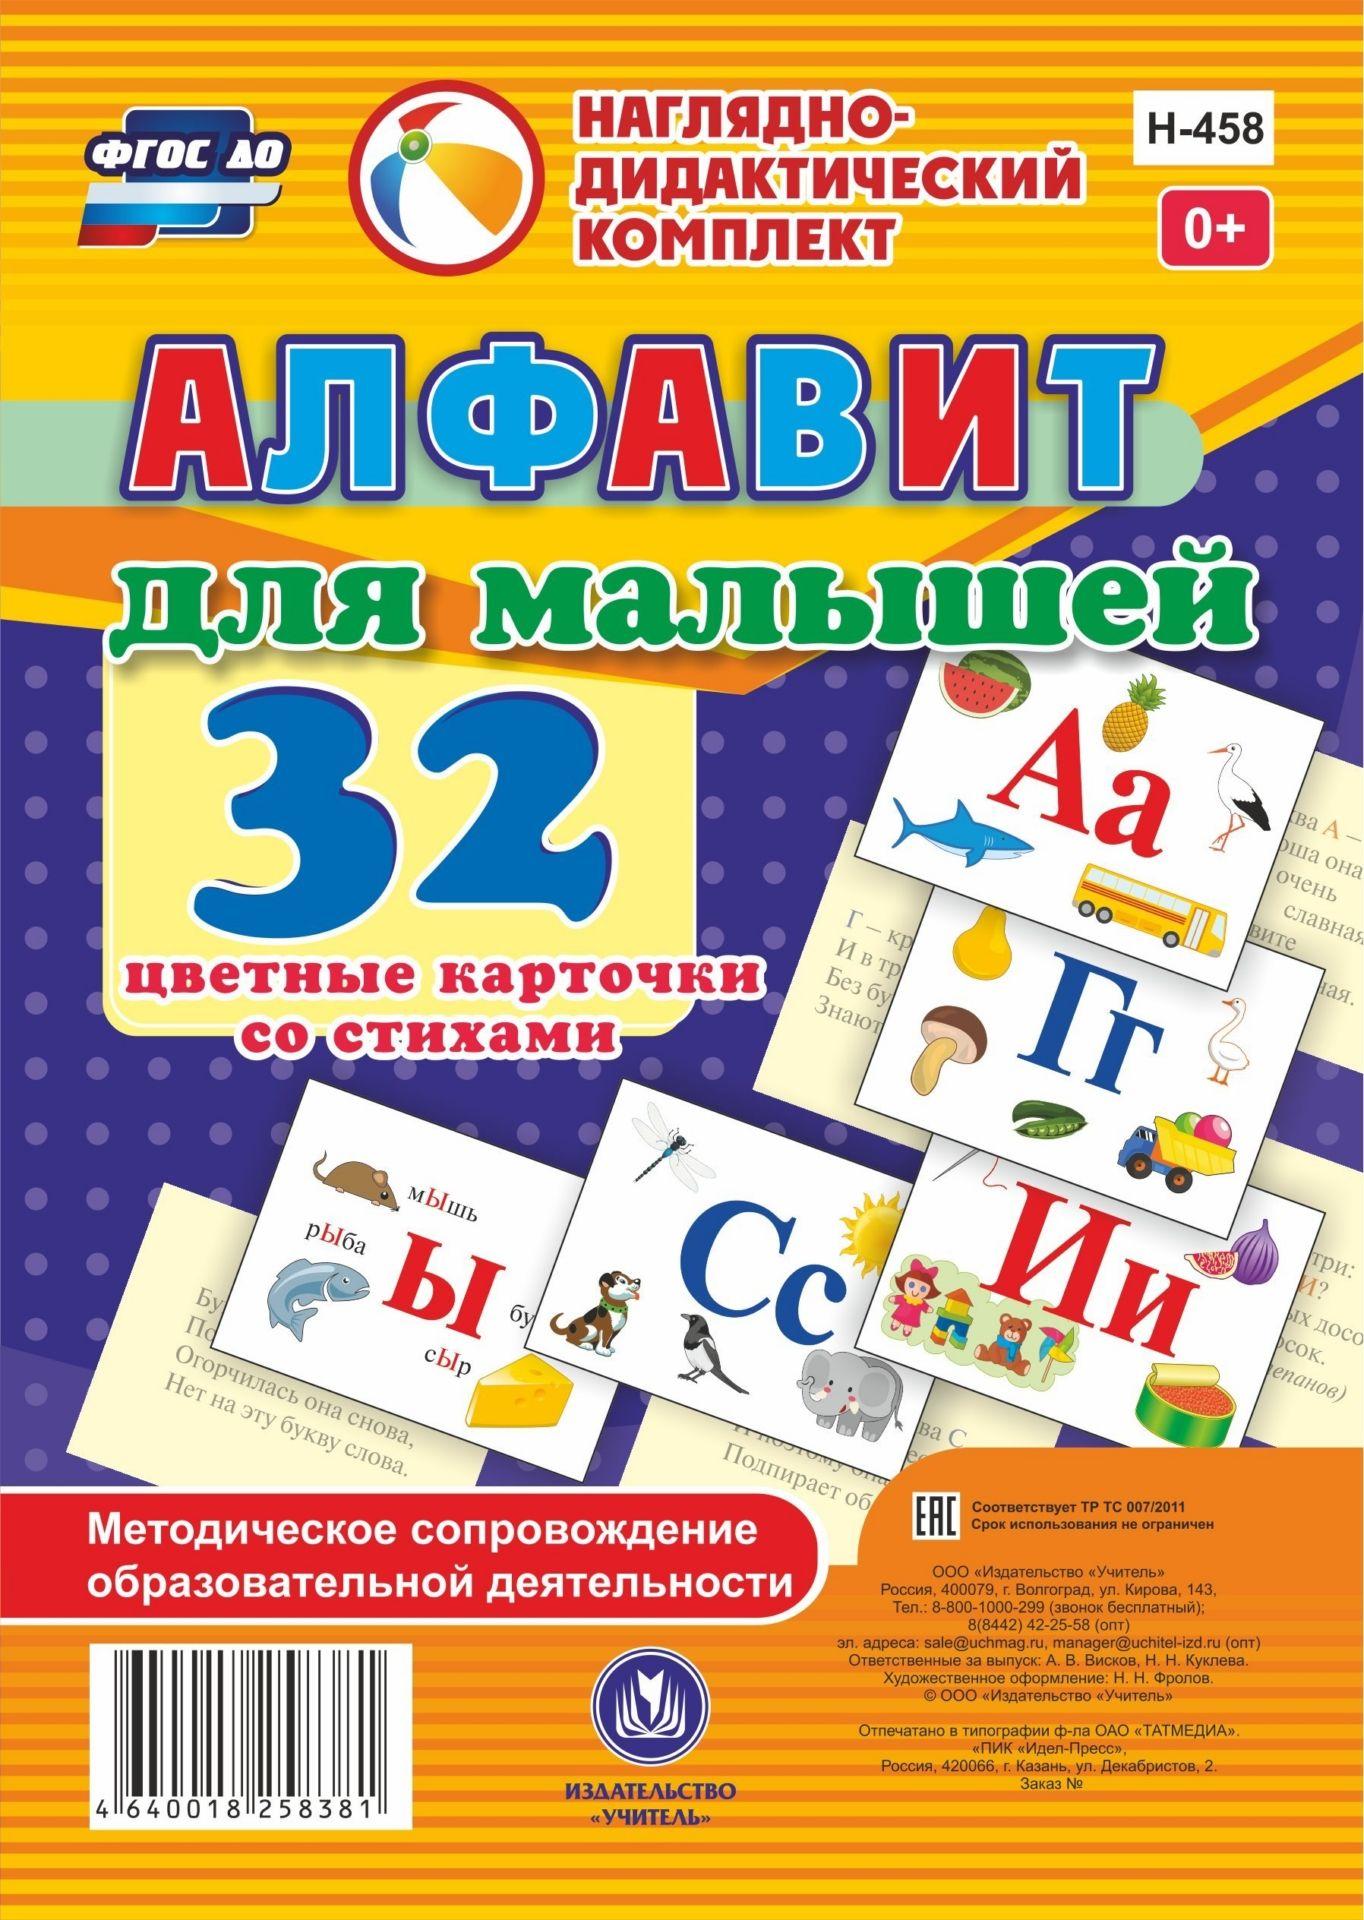 Алфавит для малышей. 32 цветные карточки со стихами. Методическое сопровождение образовательной деятельностиВоспитателю ДОО<br>Алфавит для малышей - это замечательный наглядно-дидактический комплект для обучения детей дошкольного возраста.Он включает в себя 32 карточки и методические рекомендации. С одной стороны карточки представлено изображение буквы и объект (предмет), назва...<br><br>Авторы: Куклева Н. Н.<br>Год: 2017<br>Серия: Наглядно-дидактический комплект<br>Высота: 210<br>Ширина: 148<br>Переплёт: набор